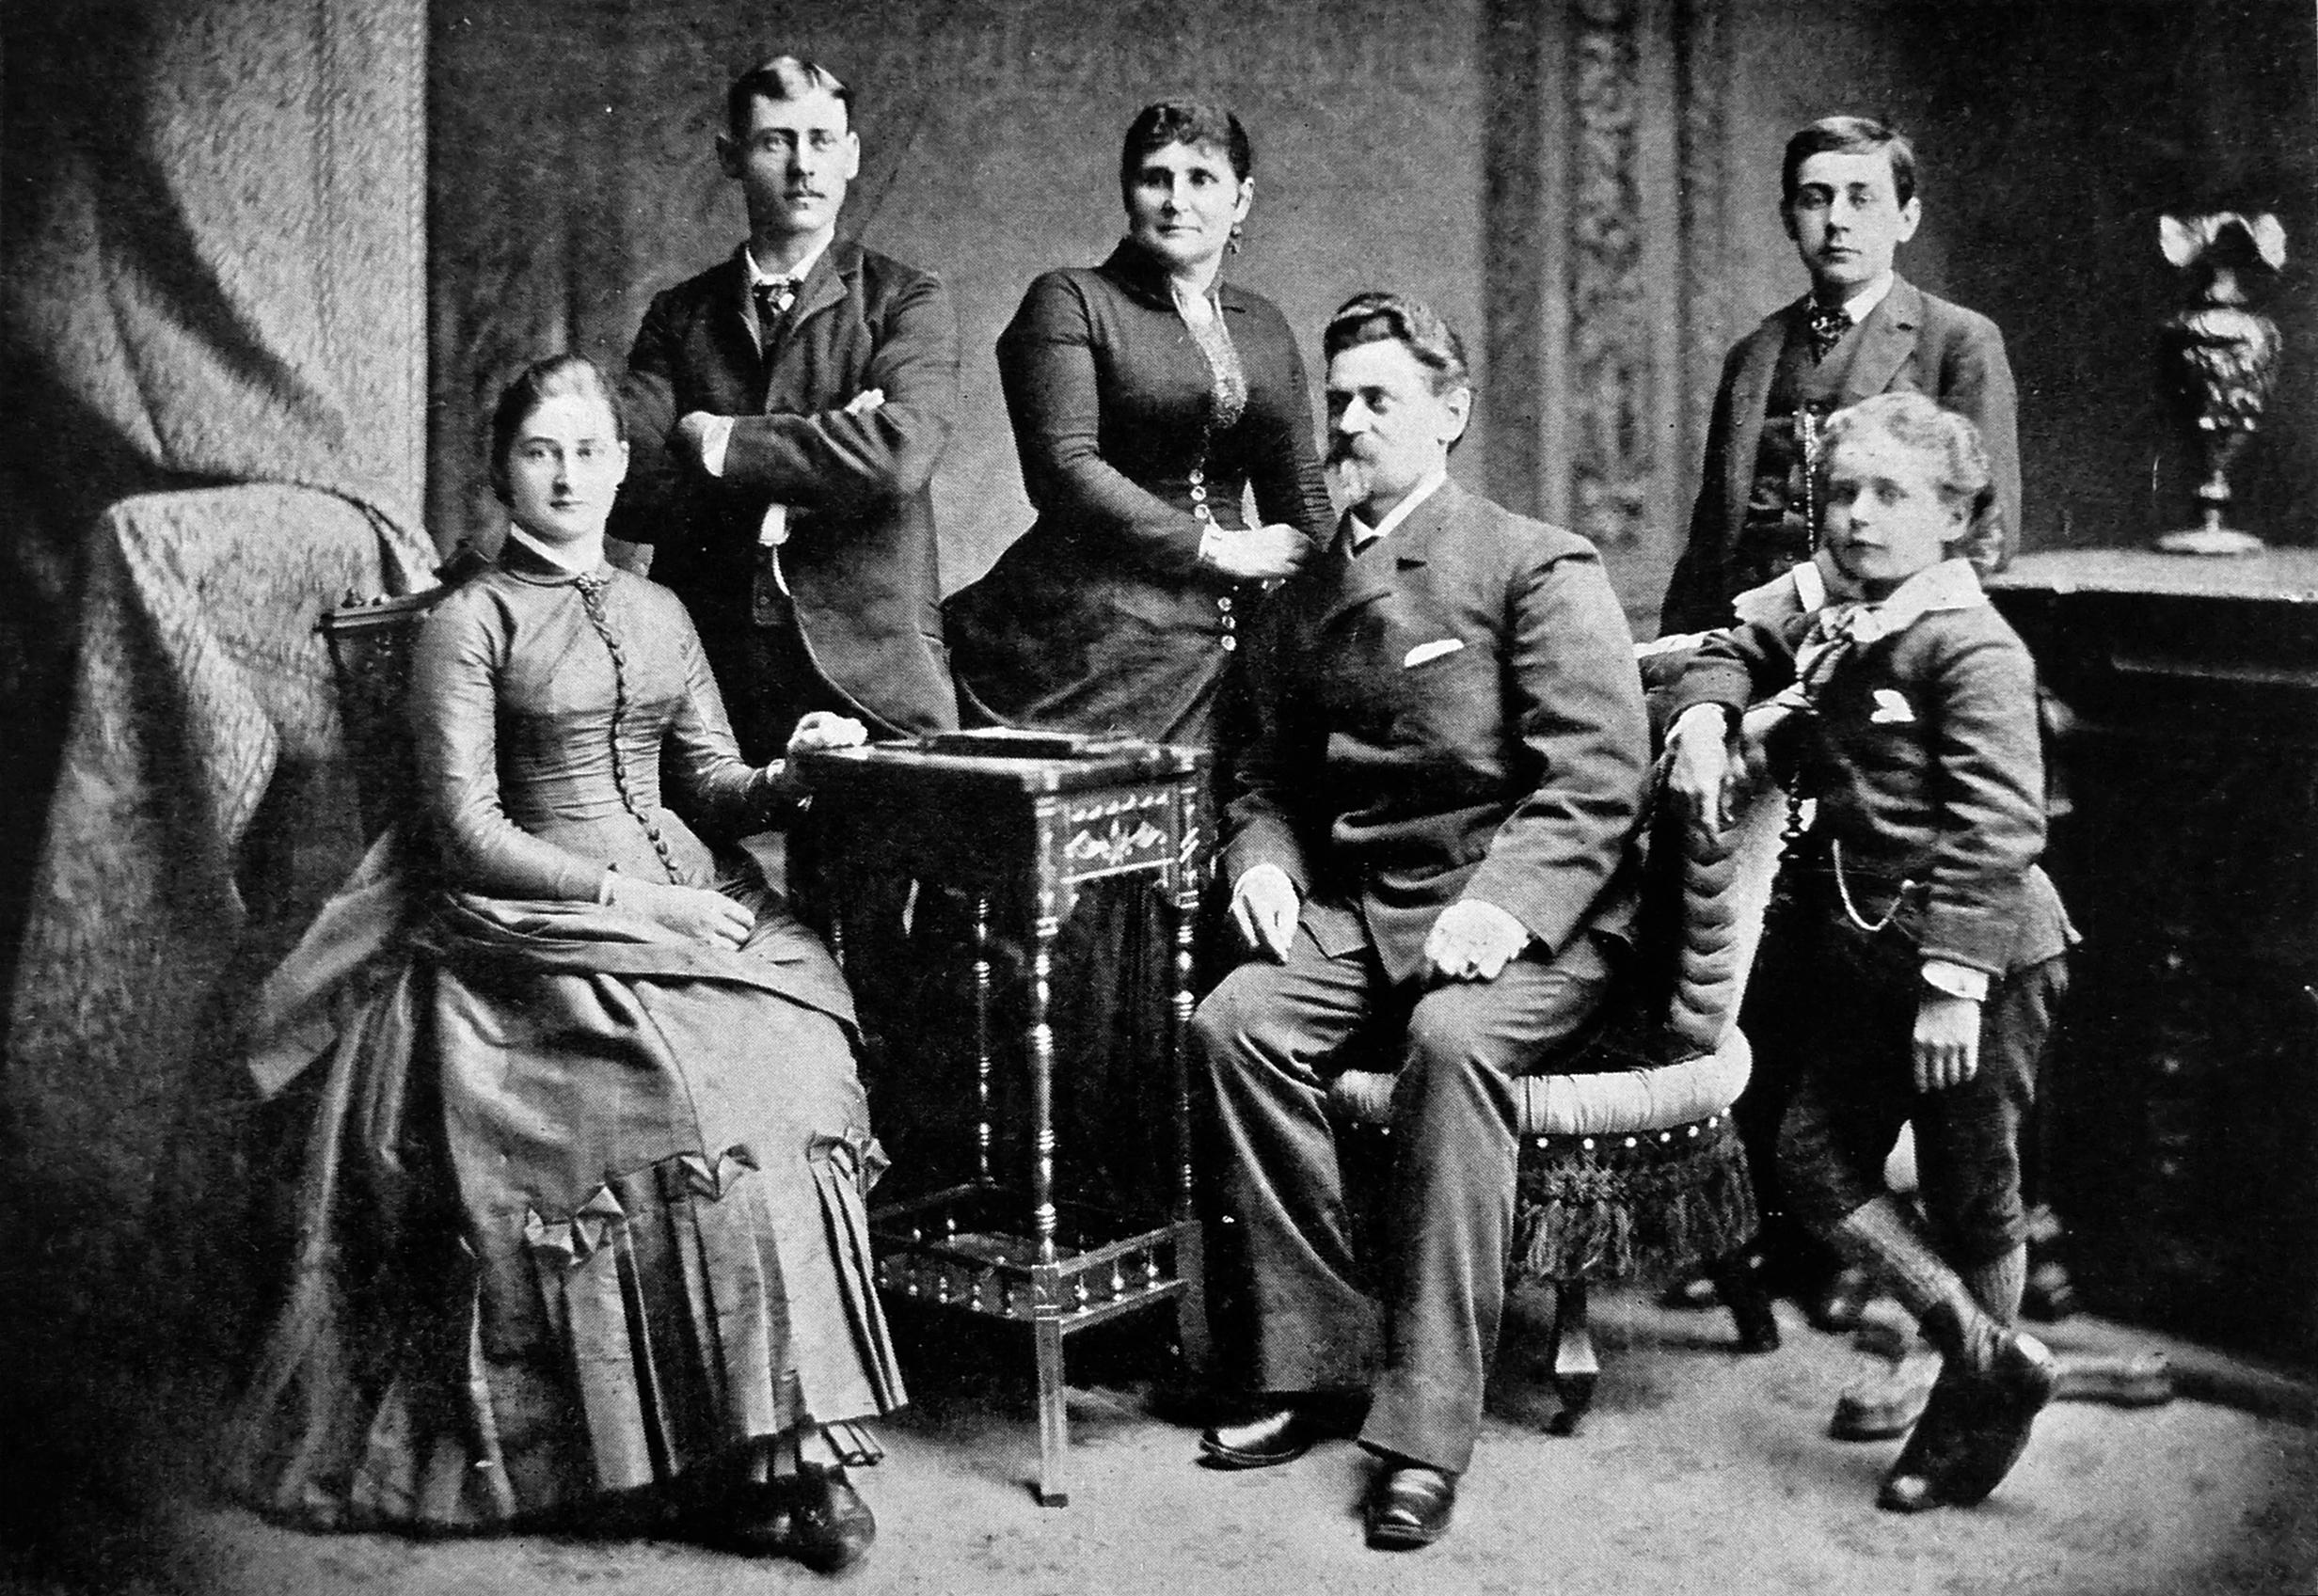 File:George Brosius 1888.jpg